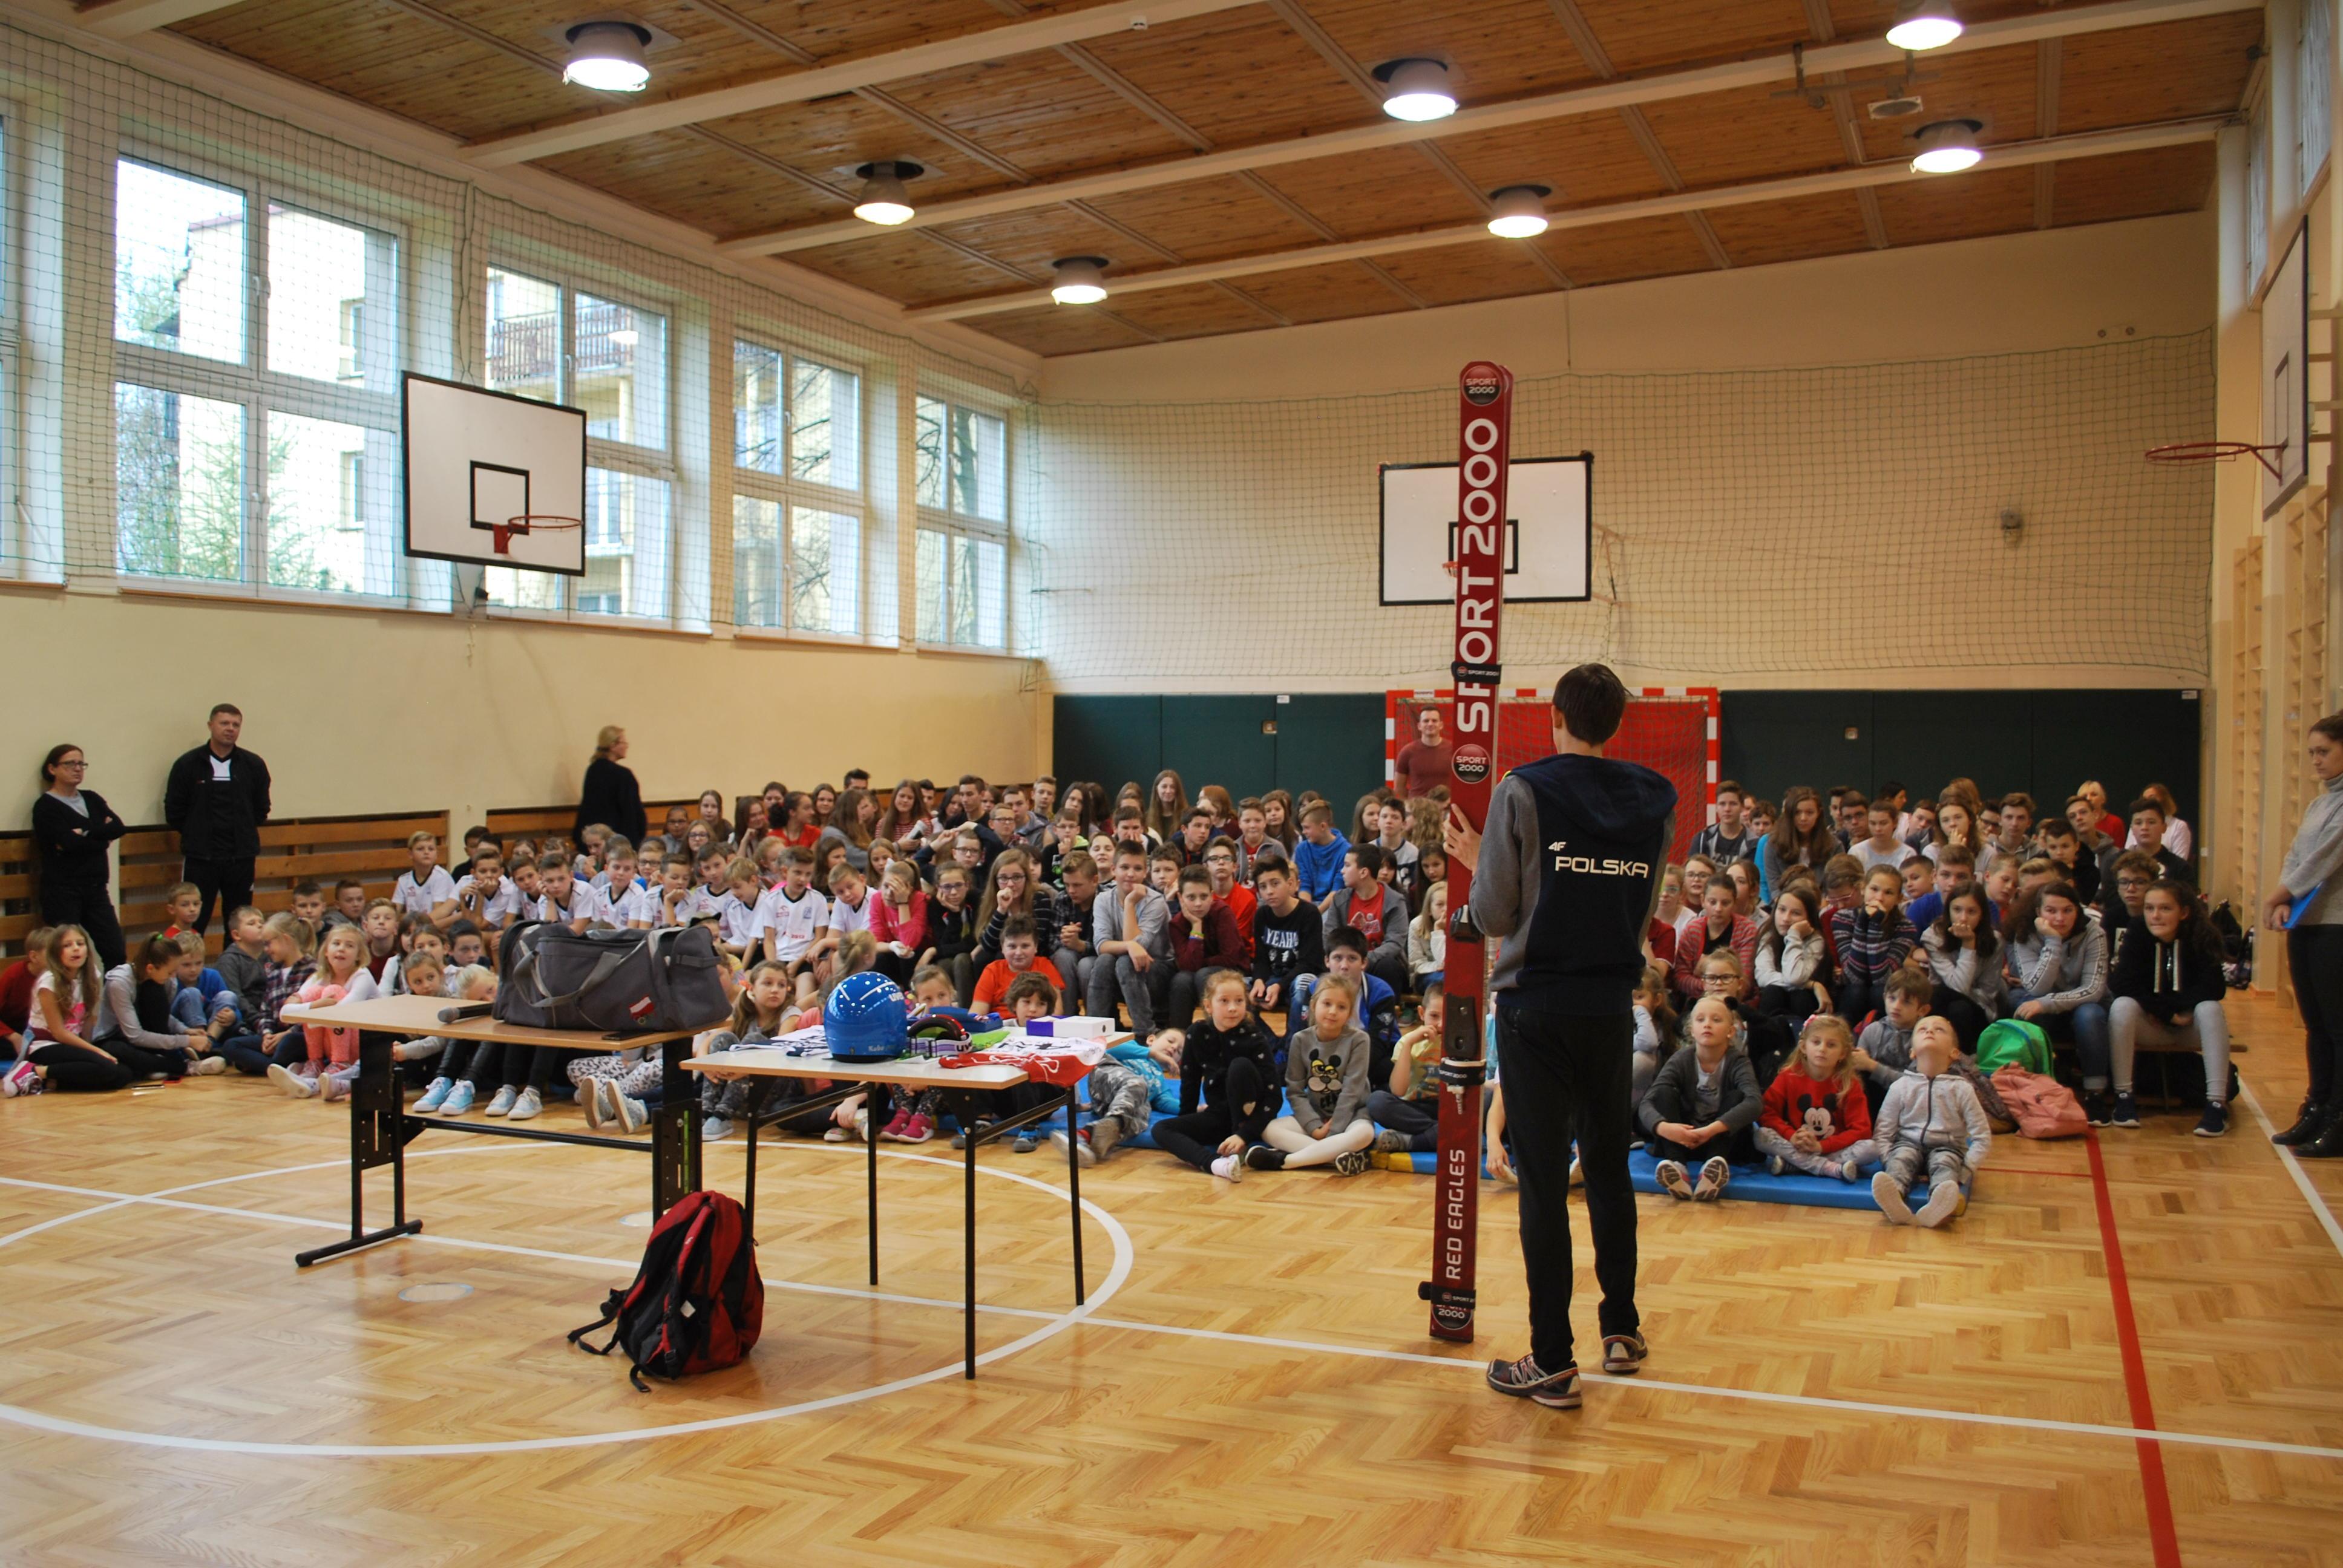 Pokazowy trening skoczka narciarskiego podczas lekcji [FOTO]